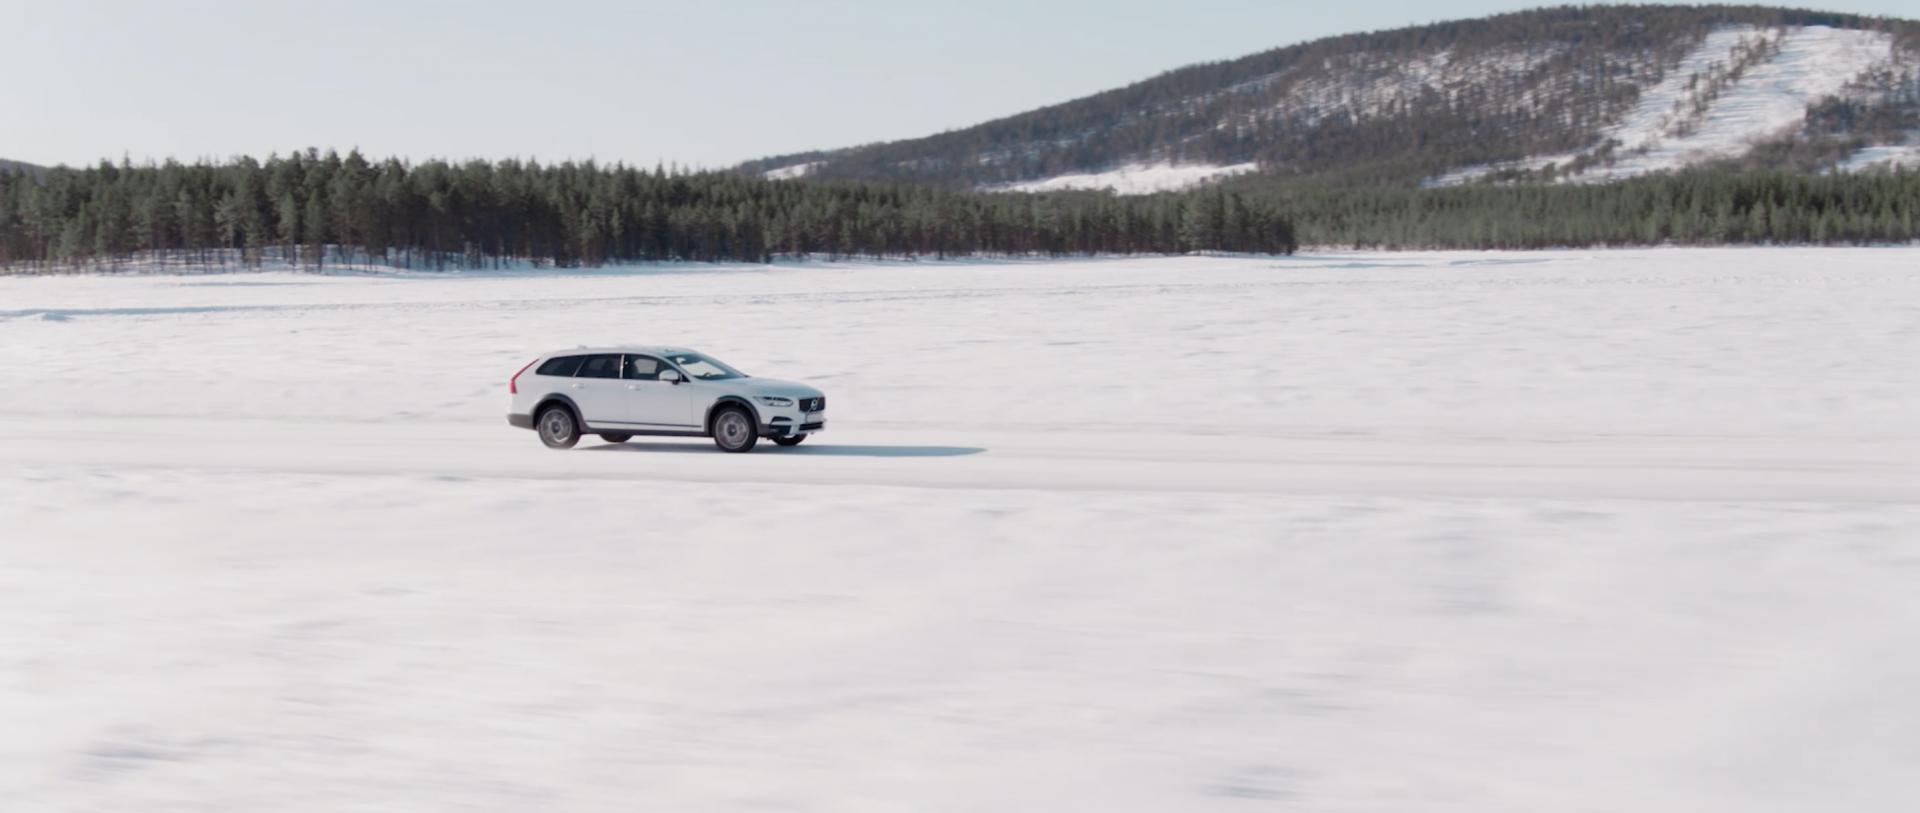 Volvo_Bremstest_im_Schnee_Auto_Landschaft